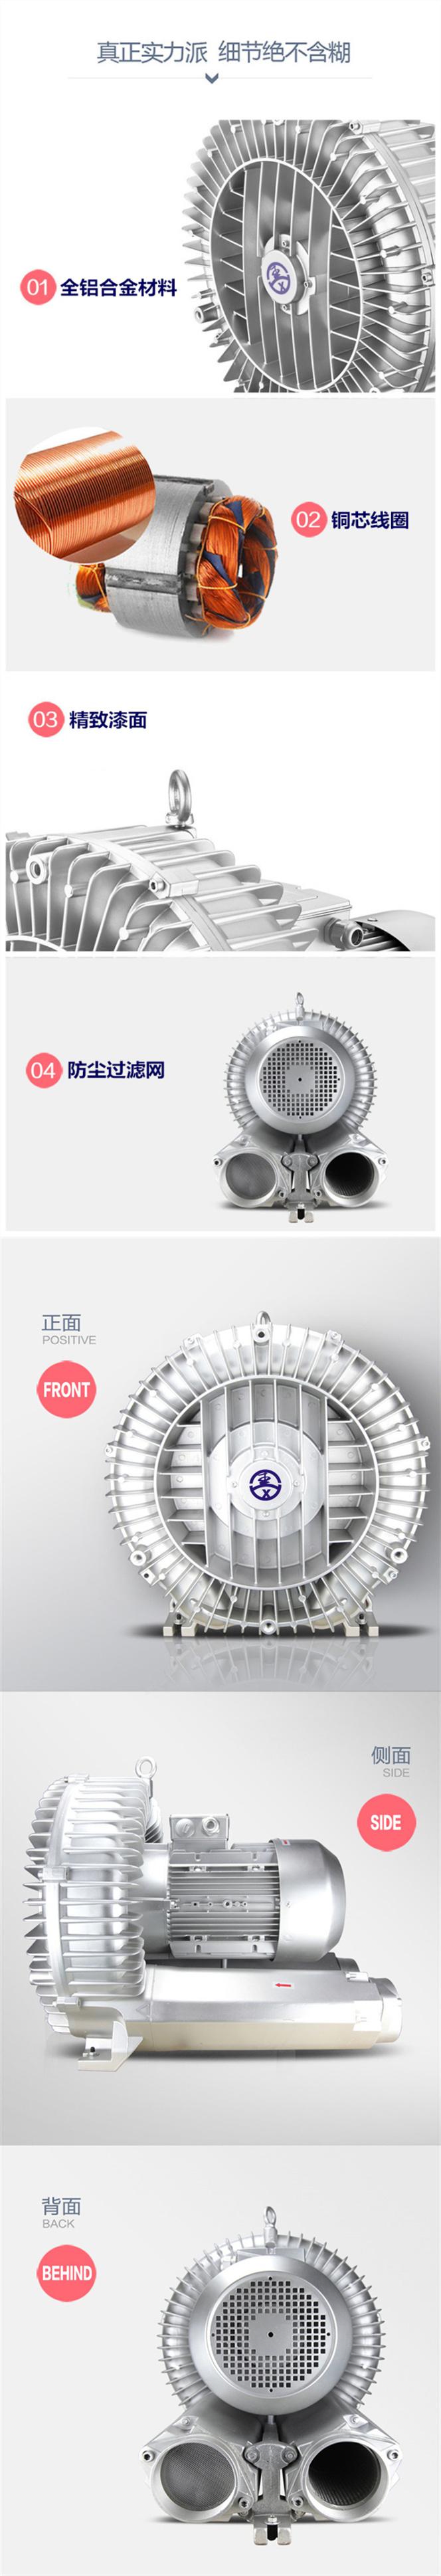 高压漩涡真空气泵 耐高温高压工业鼓风机 潼桥高压鼓风机厂家示例图4